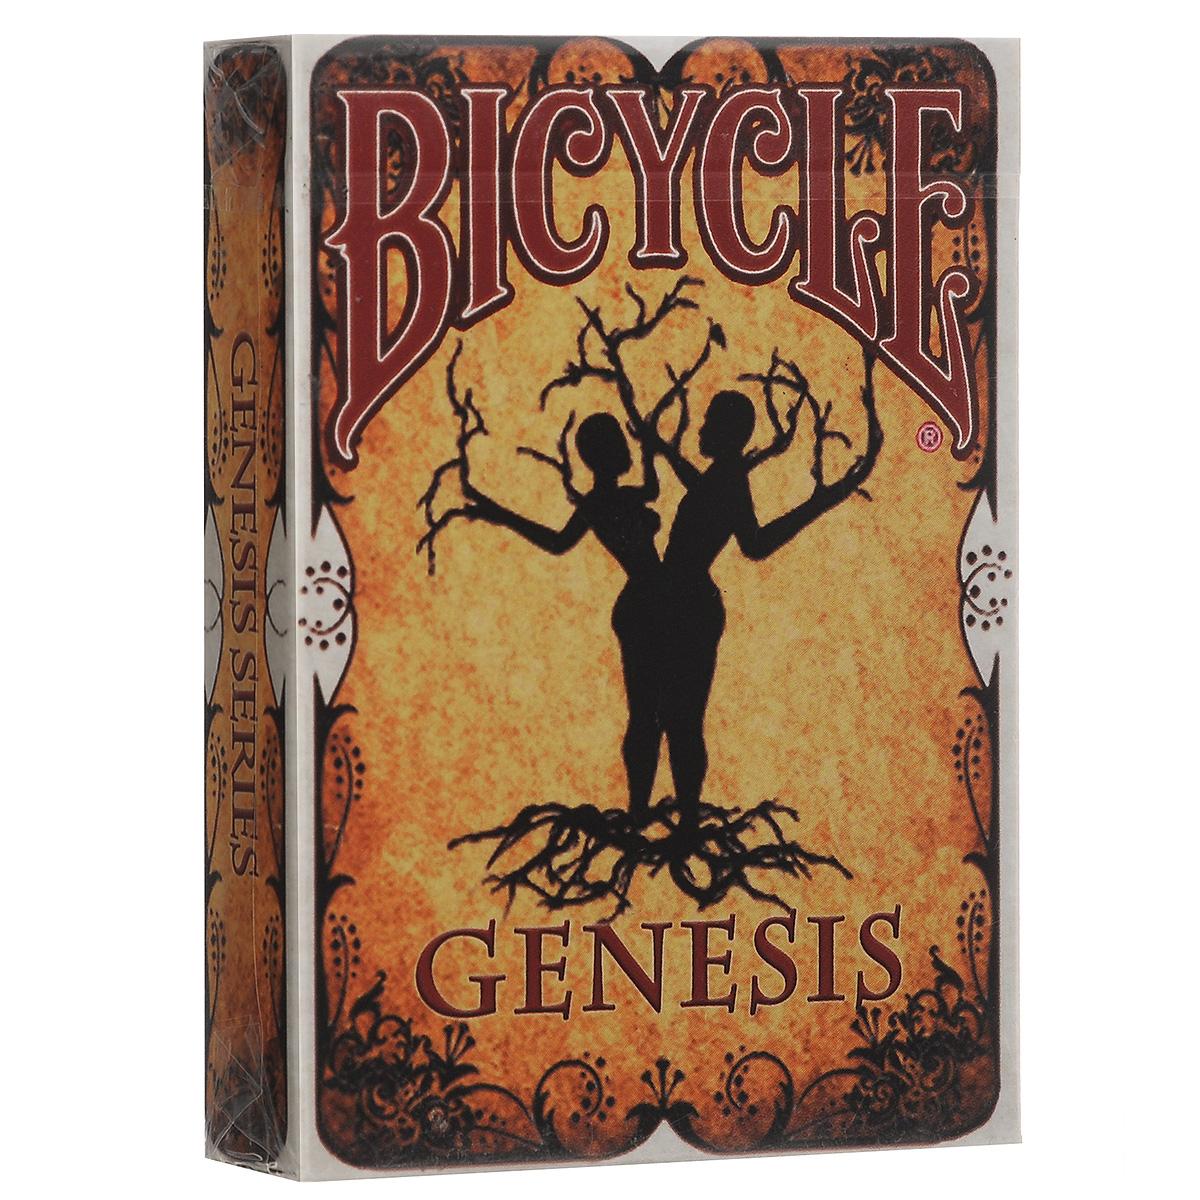 Игральные карты Bicycle Карты зарождения, цвет: коричневыйК-358В основе этой колоды лежит первая часть Библии. Оригинальный дизайн очень понравится коллекционерам. В комплекте одна гафф карта и три джокера.